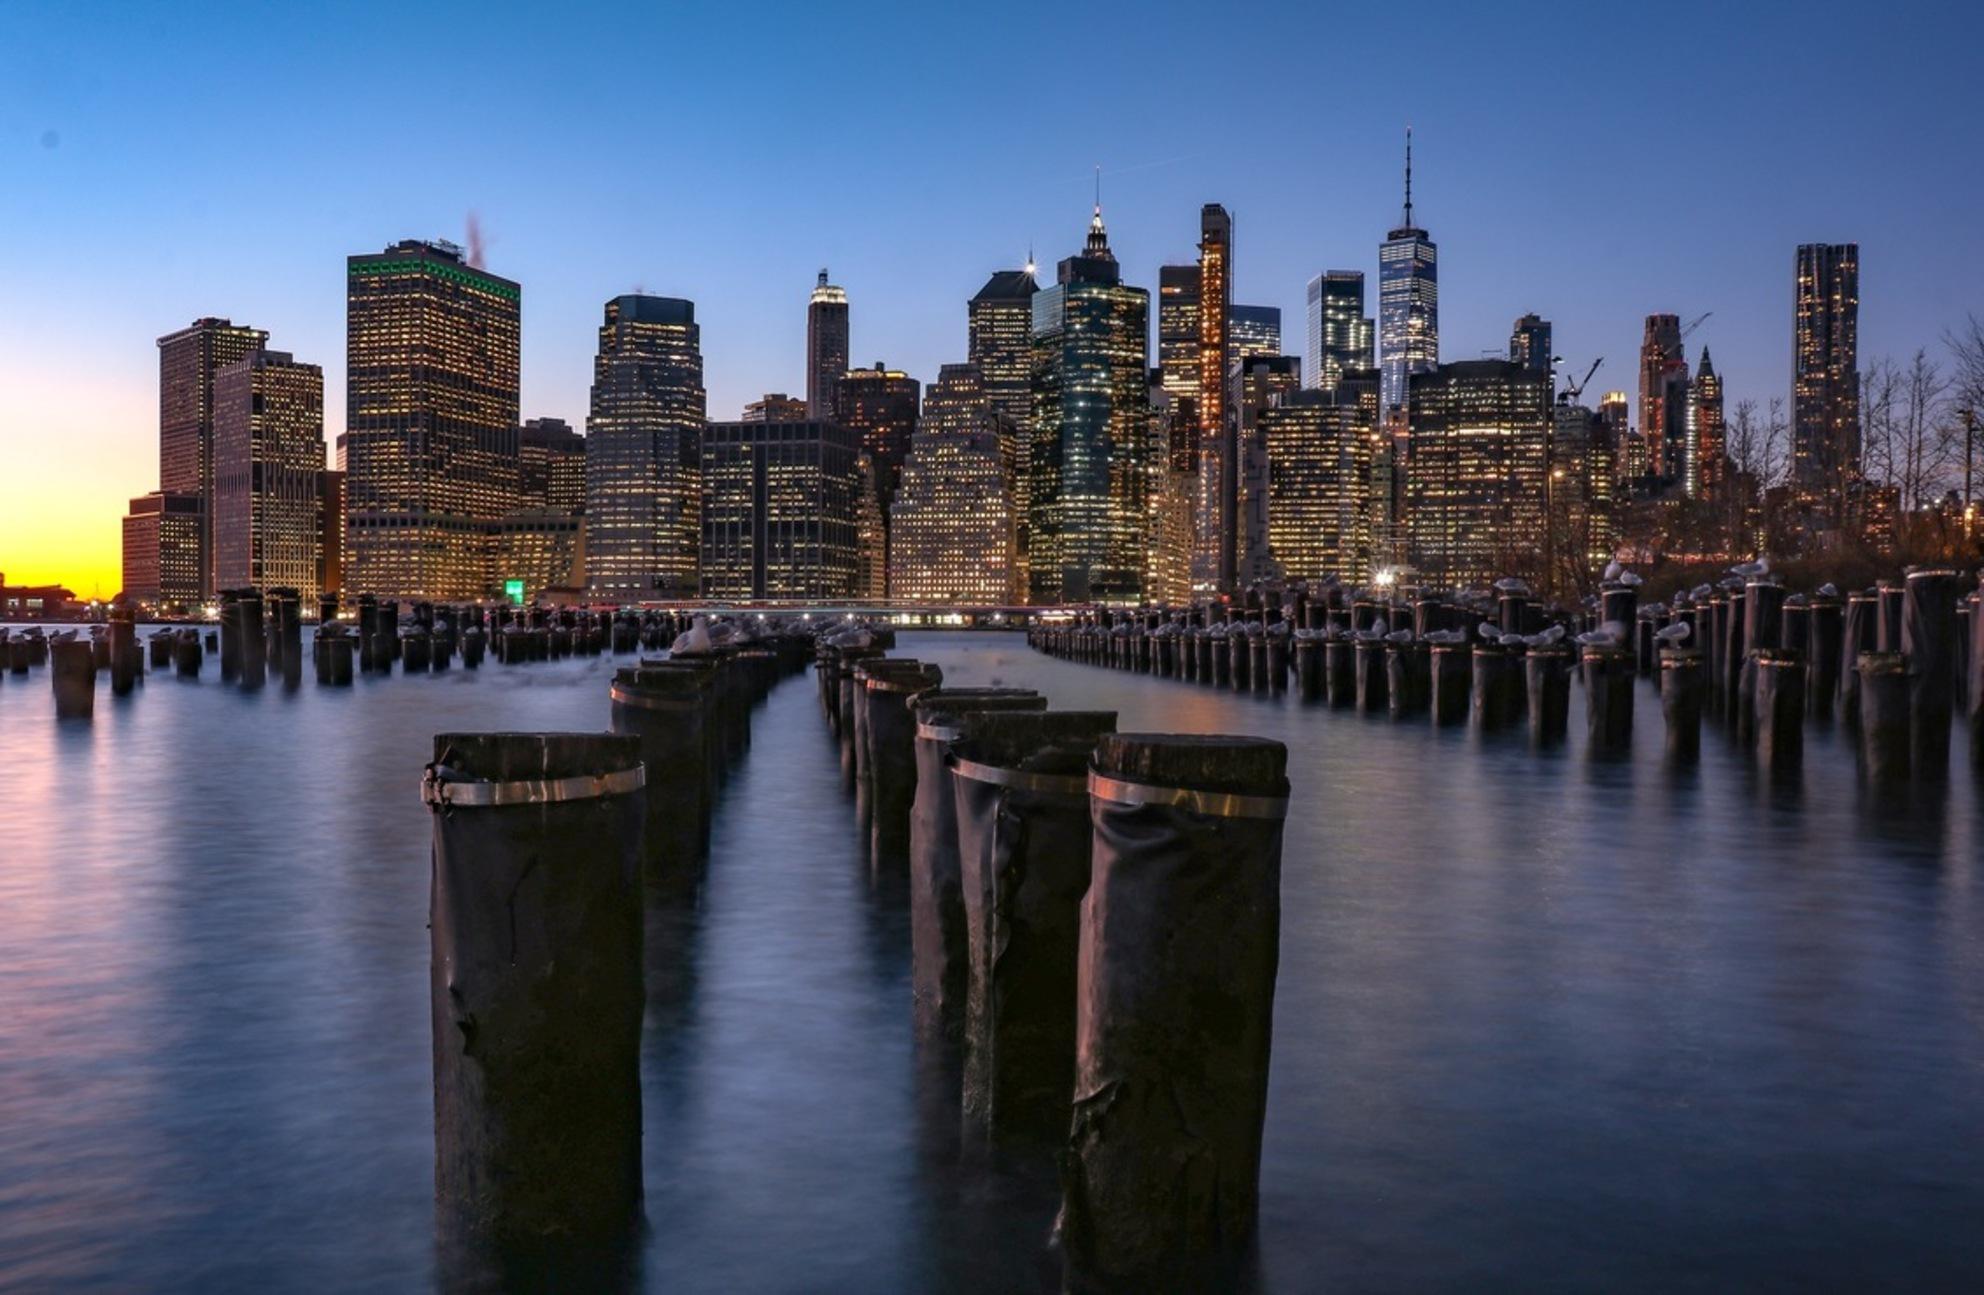 A337D817-AA19-4EEC-87B4-1D9E32477047 - Zonsondergang in Manhattan gezien vanaf Brooklyn Park. De meeuwen zitten stil genoeg voor een lange sluitertijd. - foto door Ferrykrauweel op 15-01-2019 - deze foto bevat: lucht, mensen, uitzicht, zonsondergang, reizen, landschap, stad, amerika, newyork, toerisme, reisfotografie - Deze foto mag gebruikt worden in een Zoom.nl publicatie